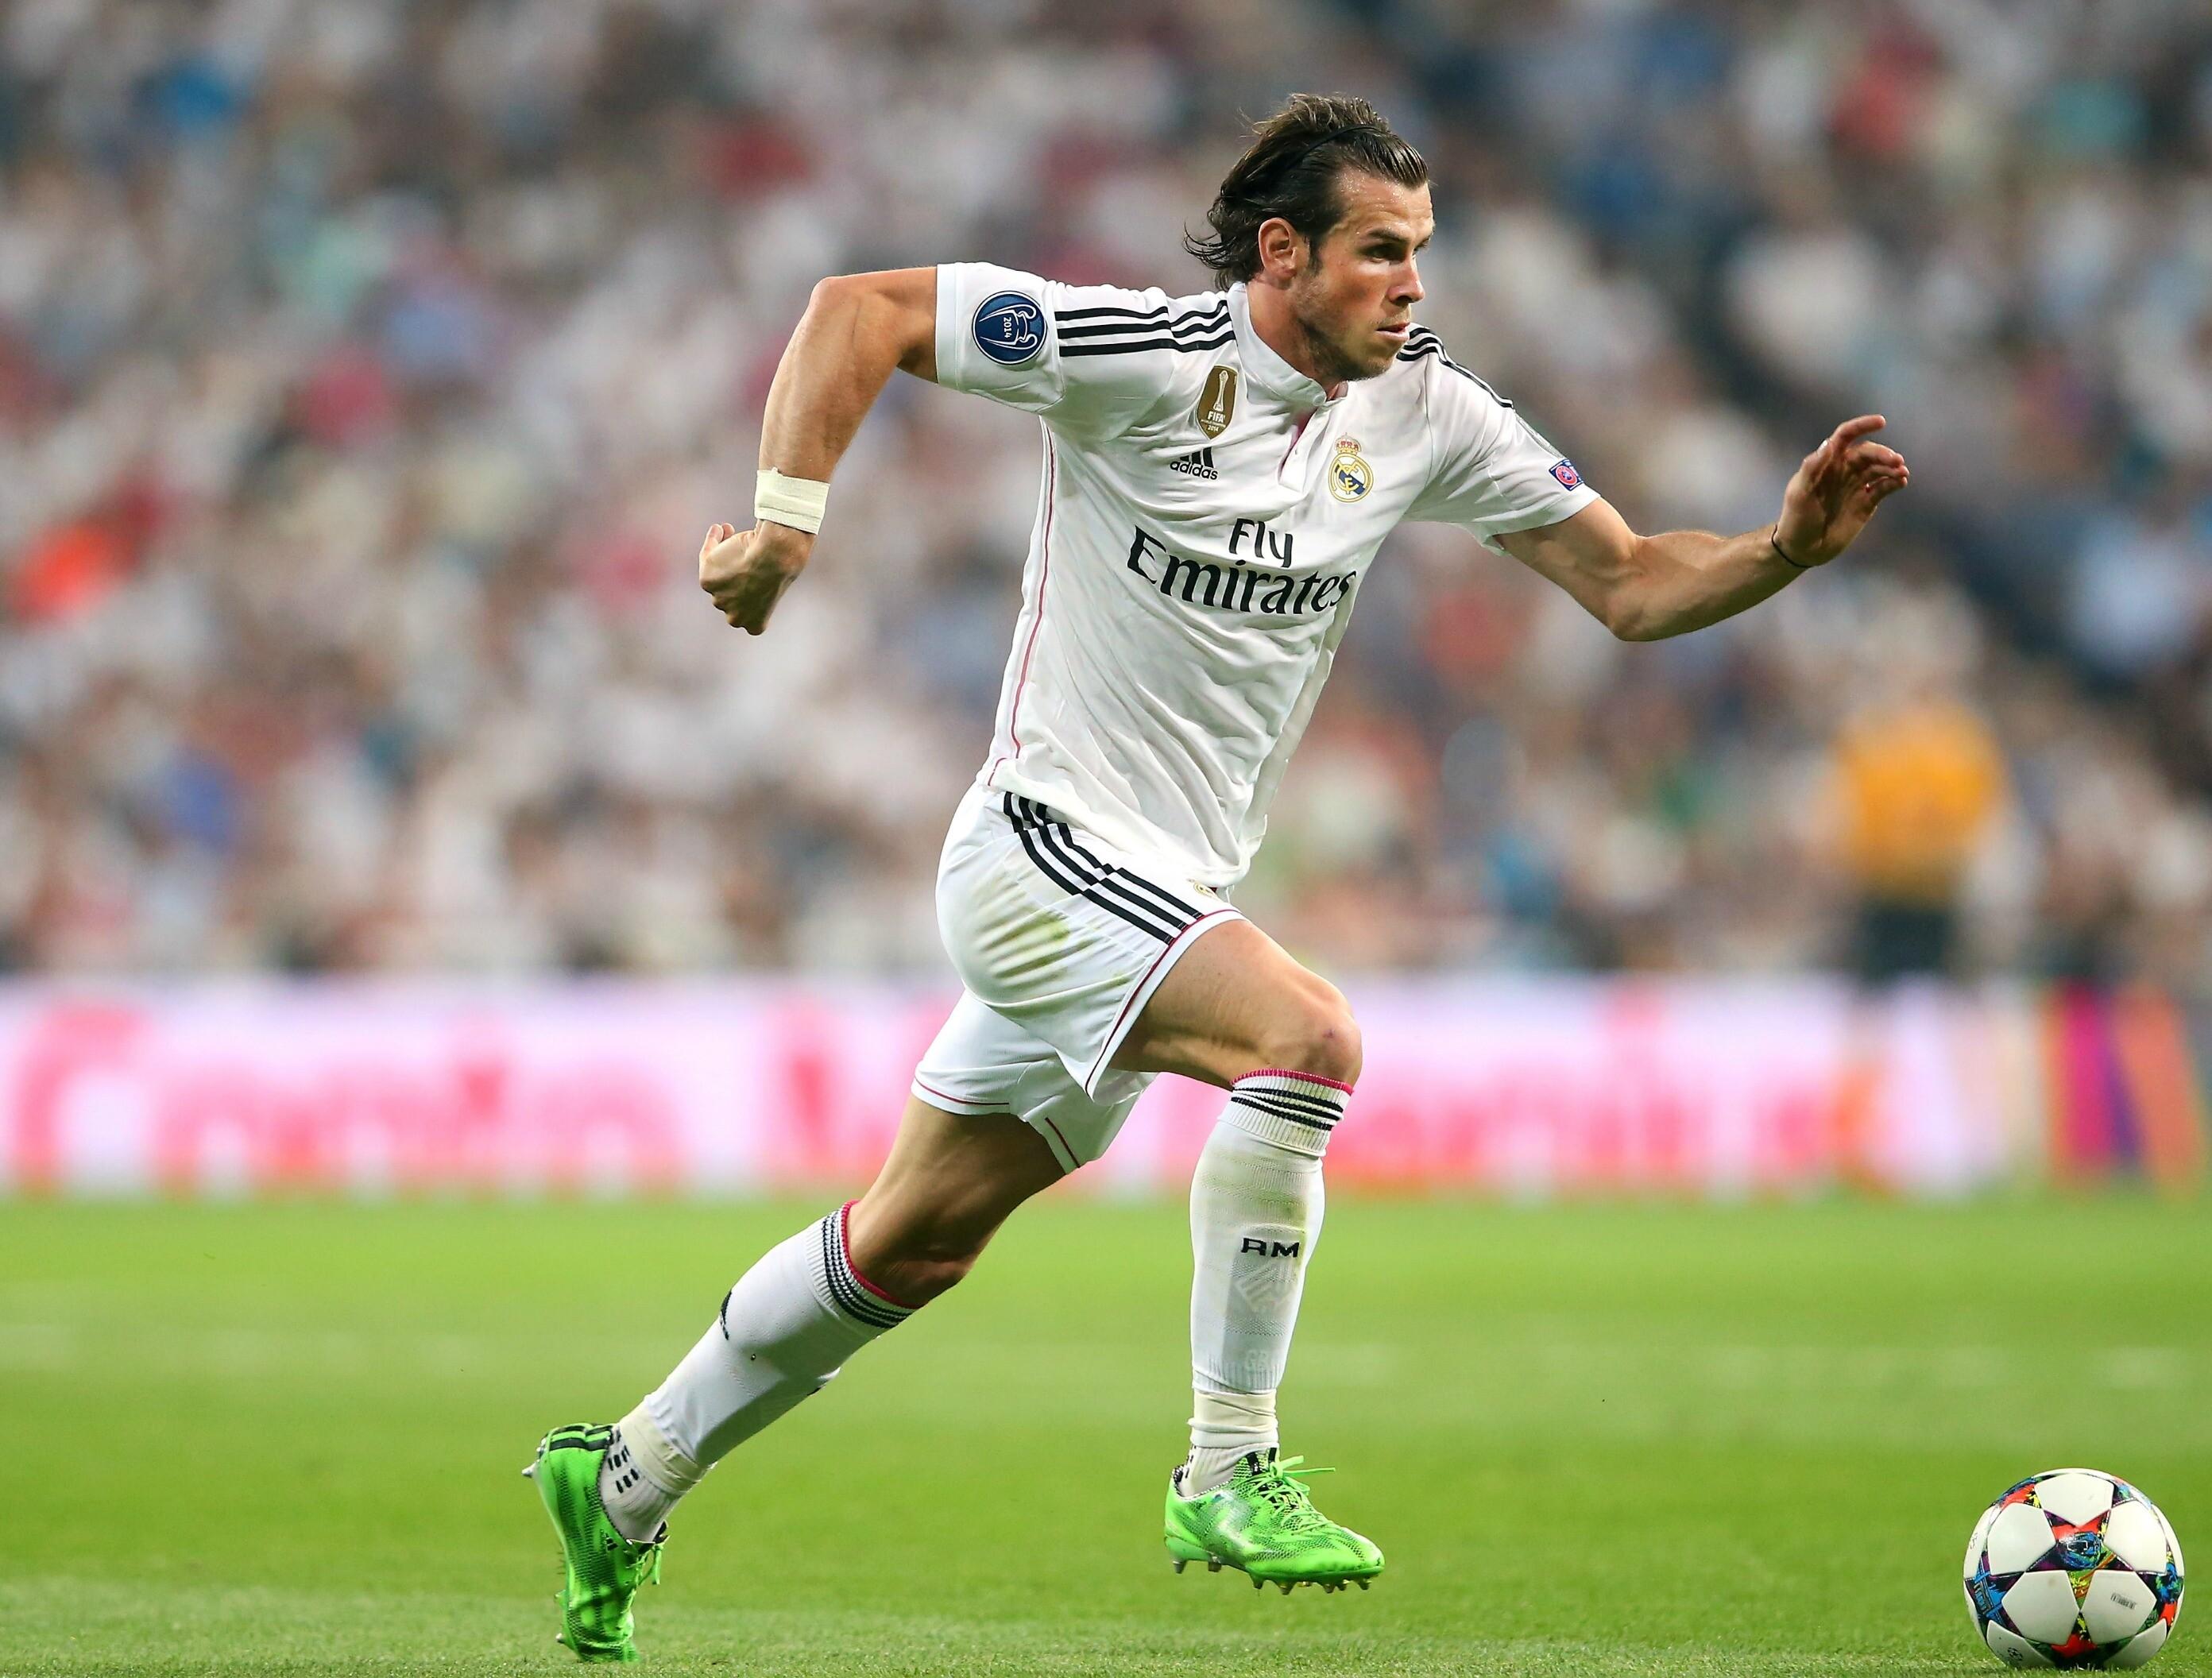 El United prepara 110 millones para llevarse a Bale, según la prensa inglesa